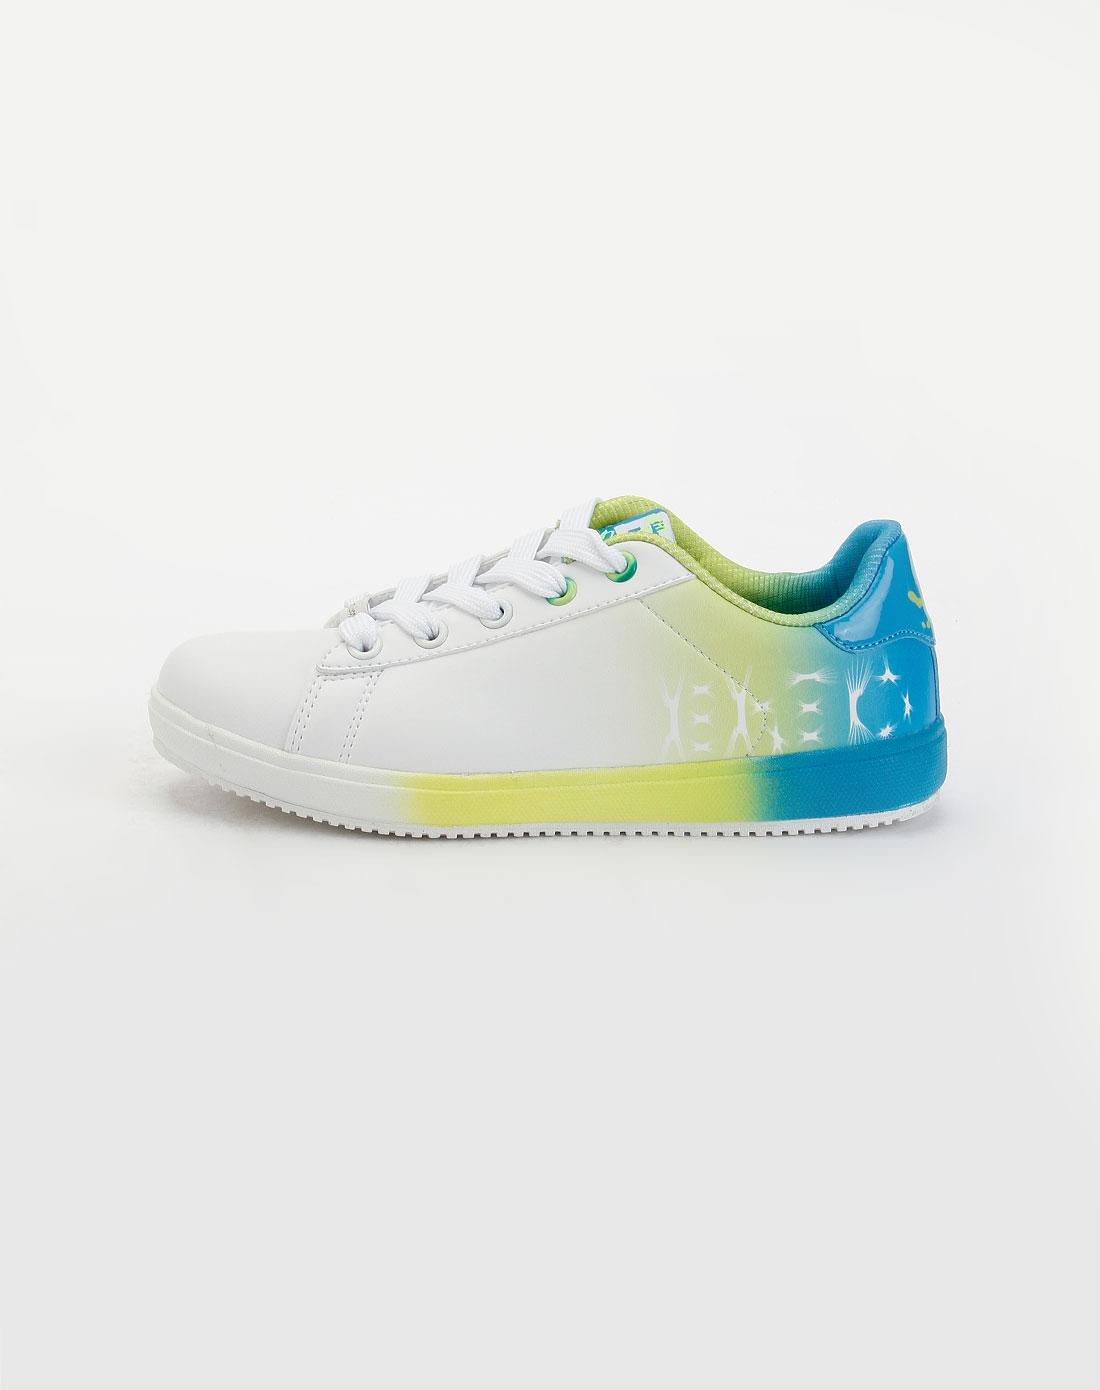 爱居兔eichitoo白/蓝/绿色时尚运动鞋axzj3b012031